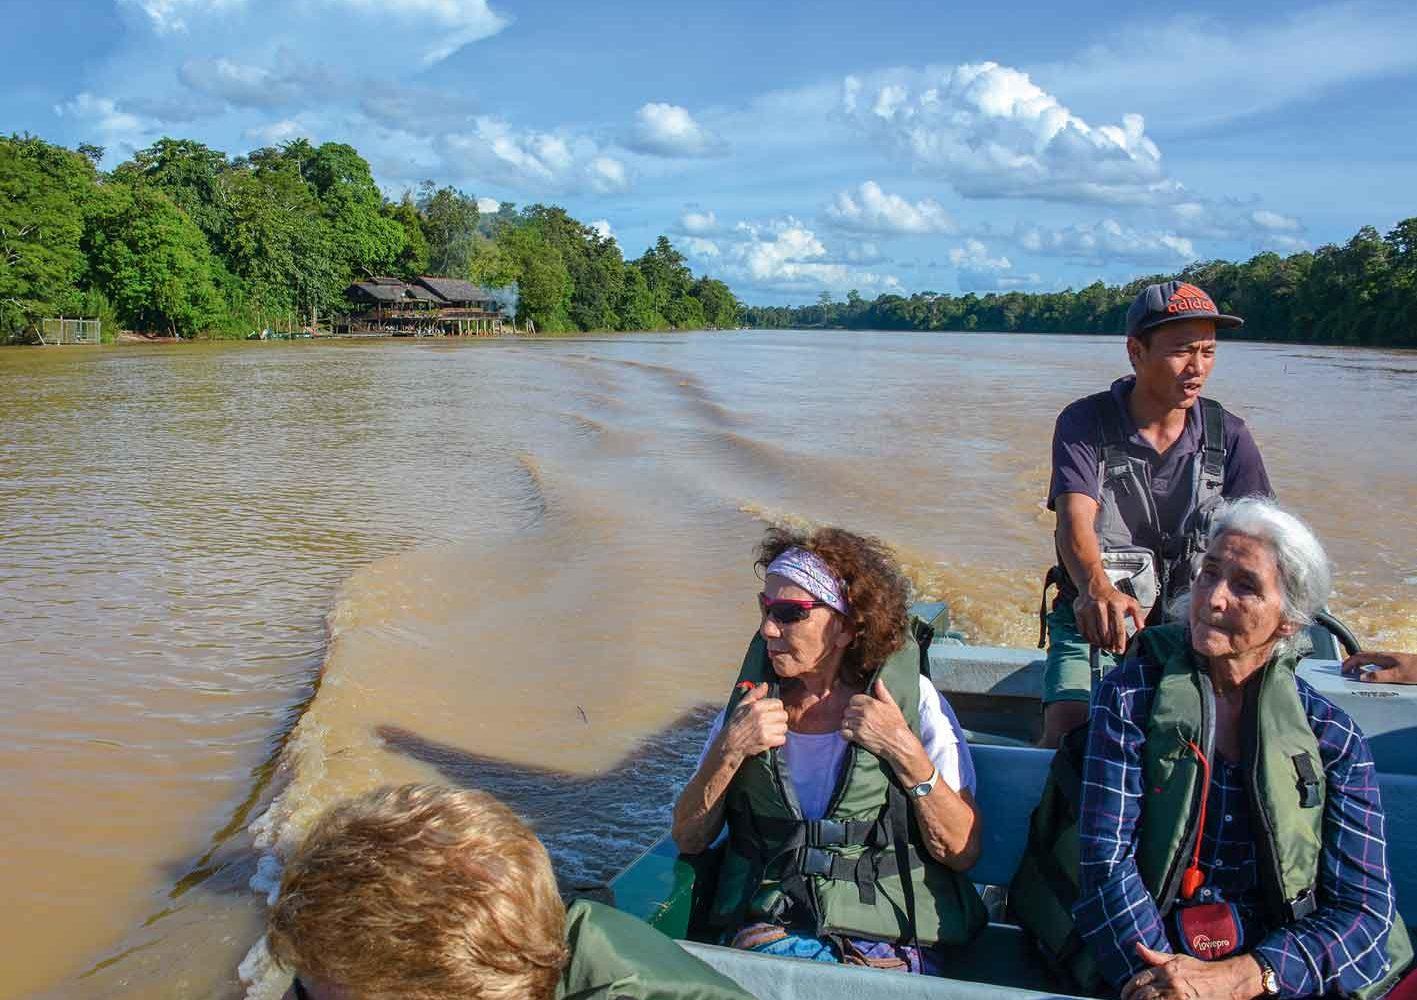 Flussfahrt durch den Dschungel Borneos, Malaysia